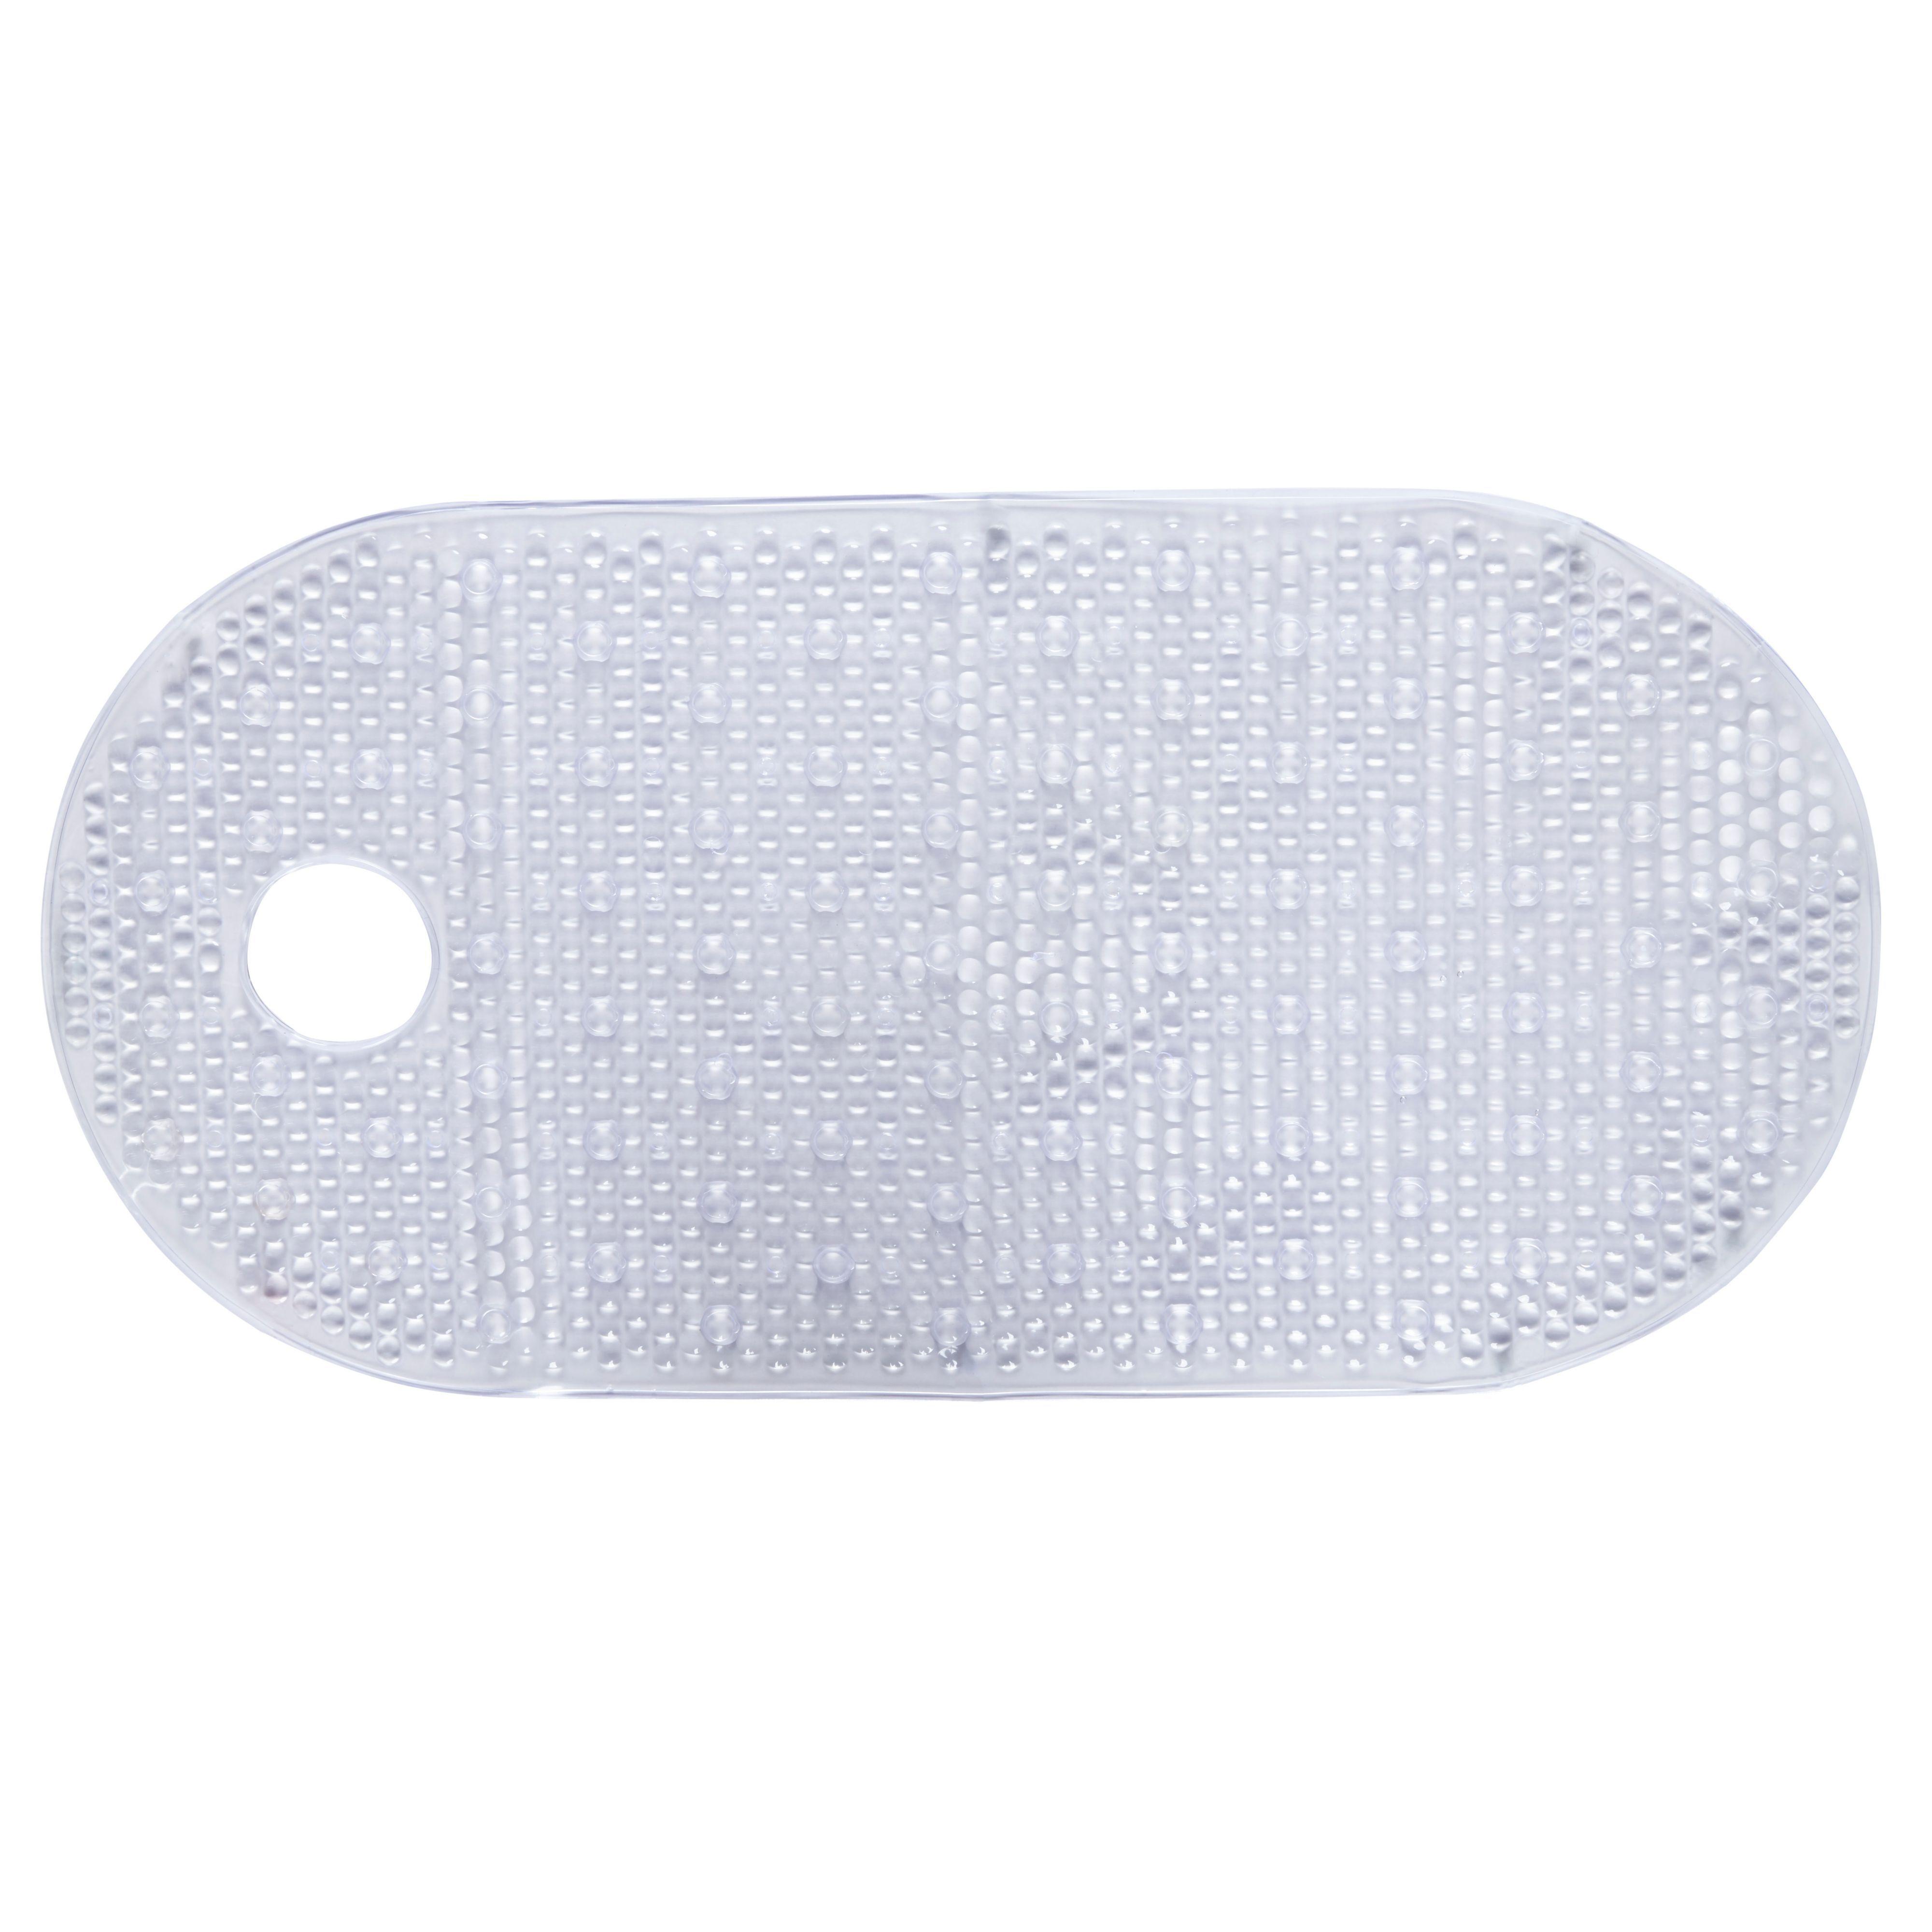 Floor mats b q - B Q Clear Pvc Anti Slip Bath Mat L 0 8m W